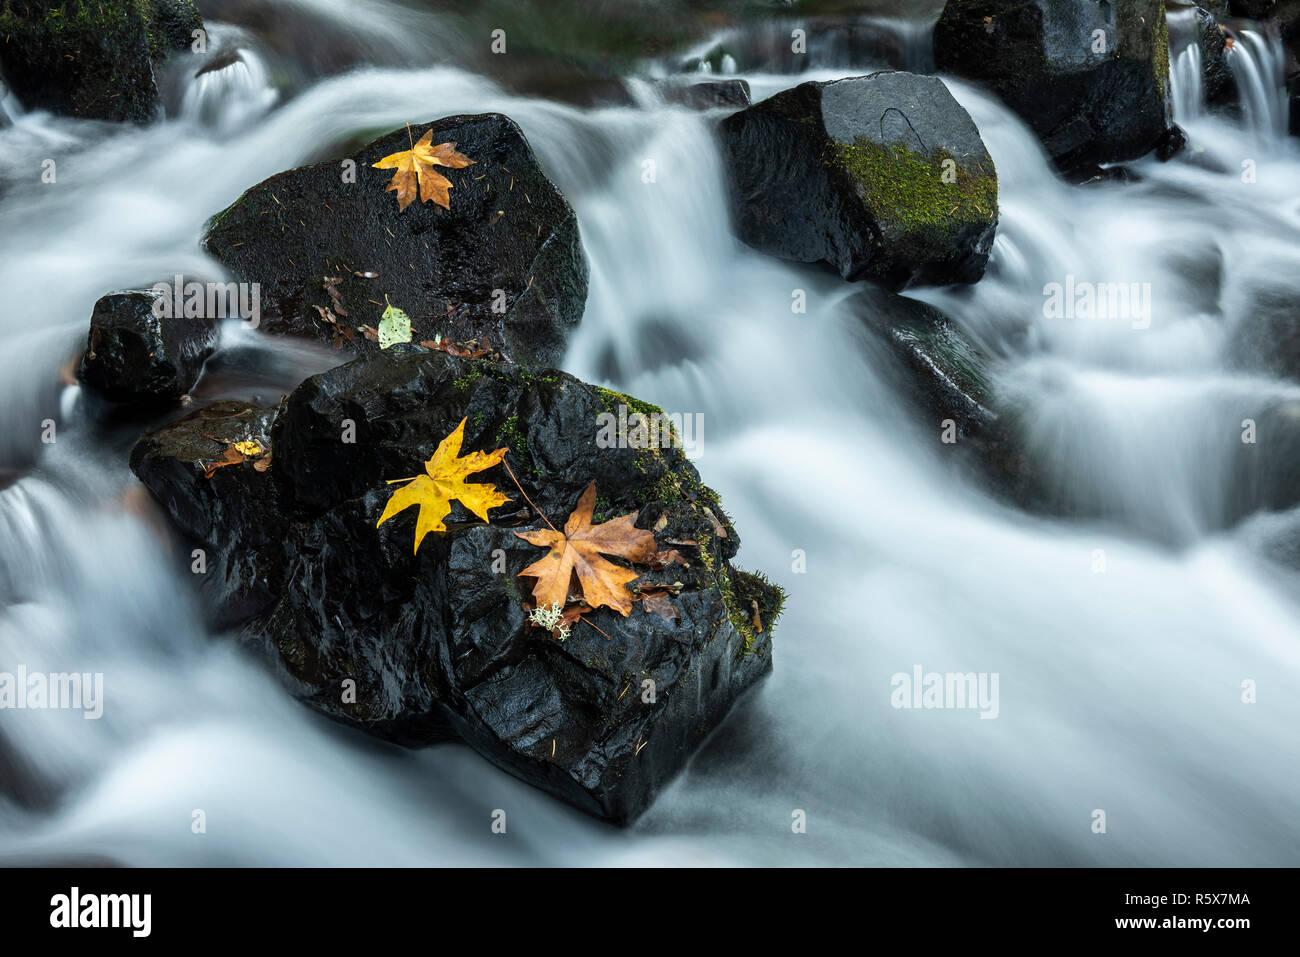 L'érable à grandes feuilles (Acer macrophyllum) sur les roches, Bridal Veil Creek, octobre, comté de Multnomah, ou, aux États-Unis, par Dominique Braud/Dembinsky Assoc Photo Banque D'Images